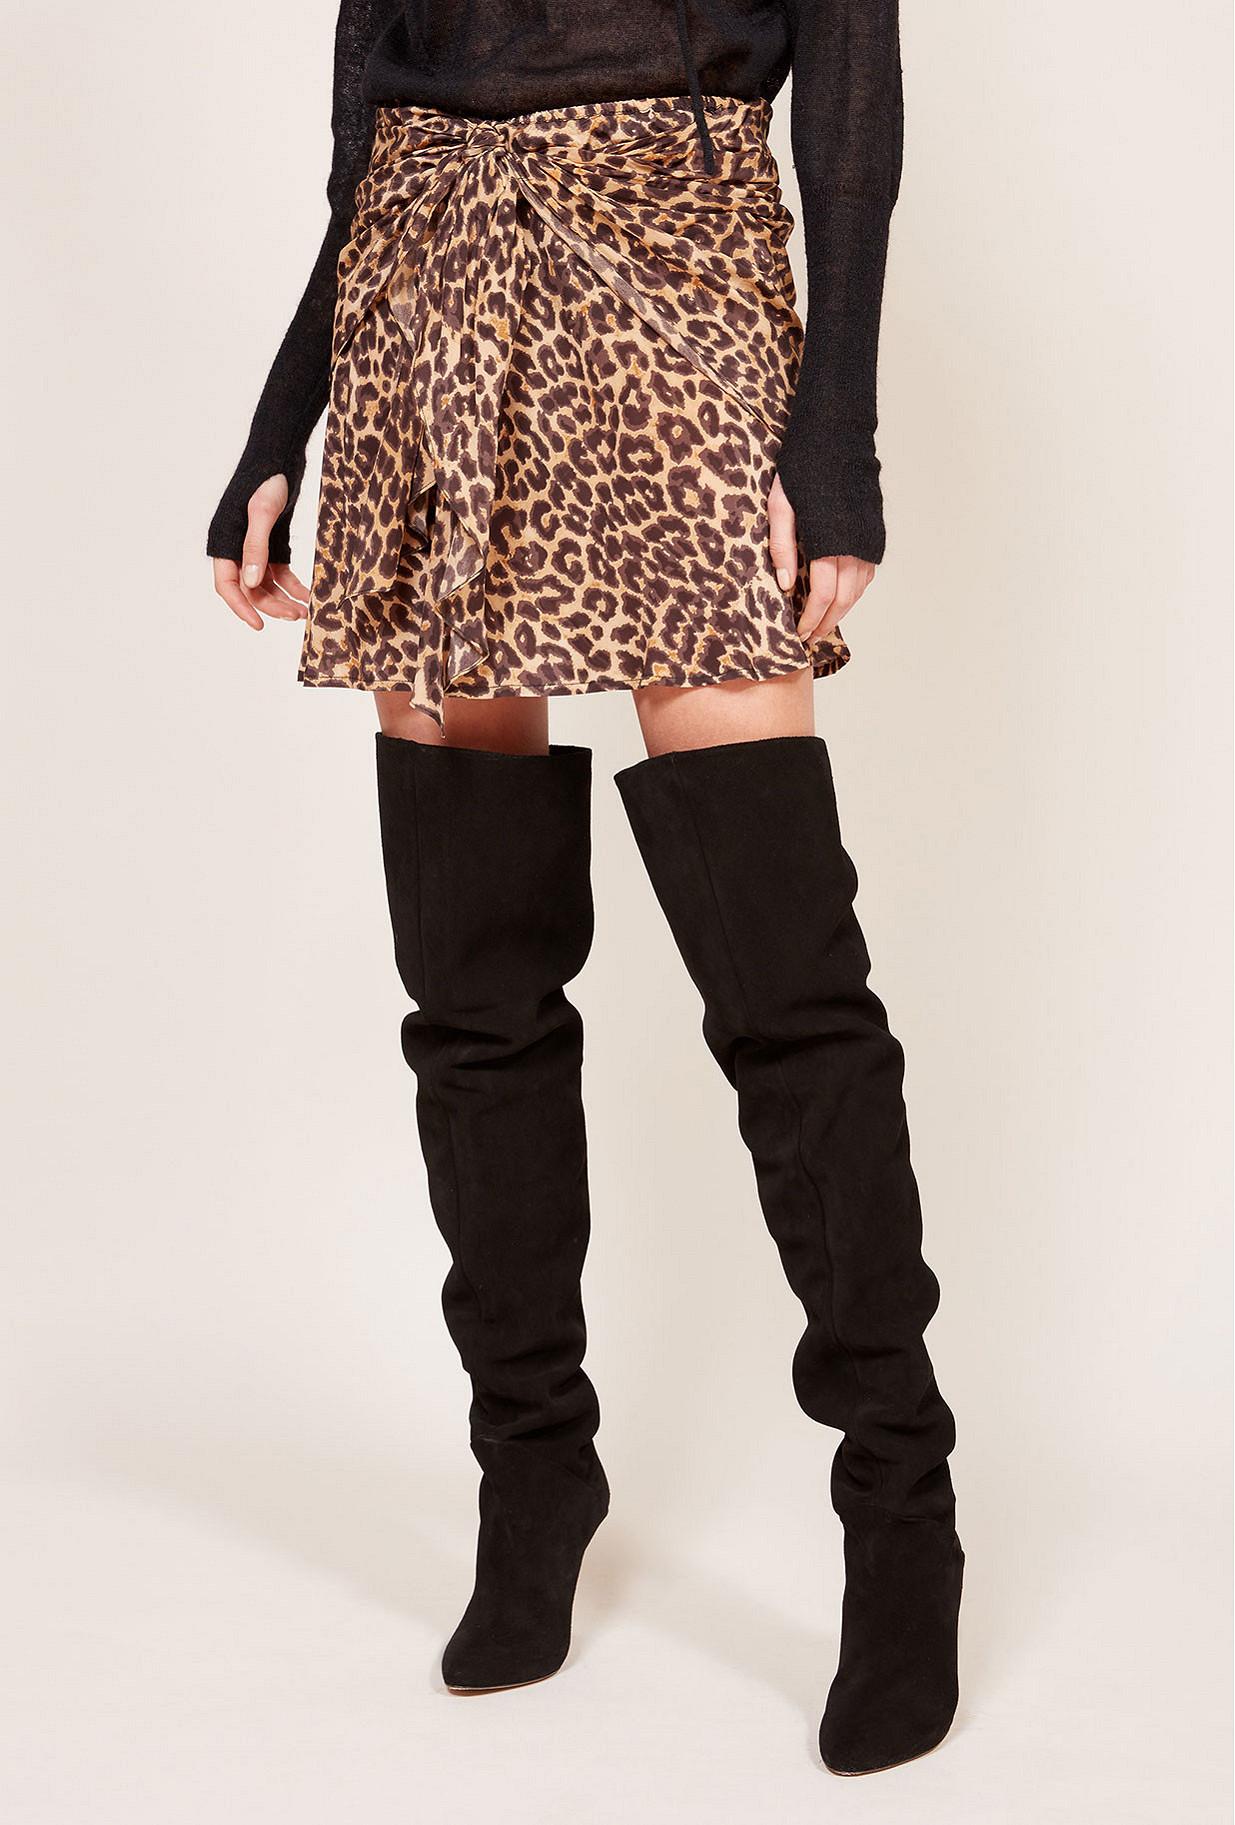 Paris boutique de mode vêtement Jupe créateur bohème  Springsteen